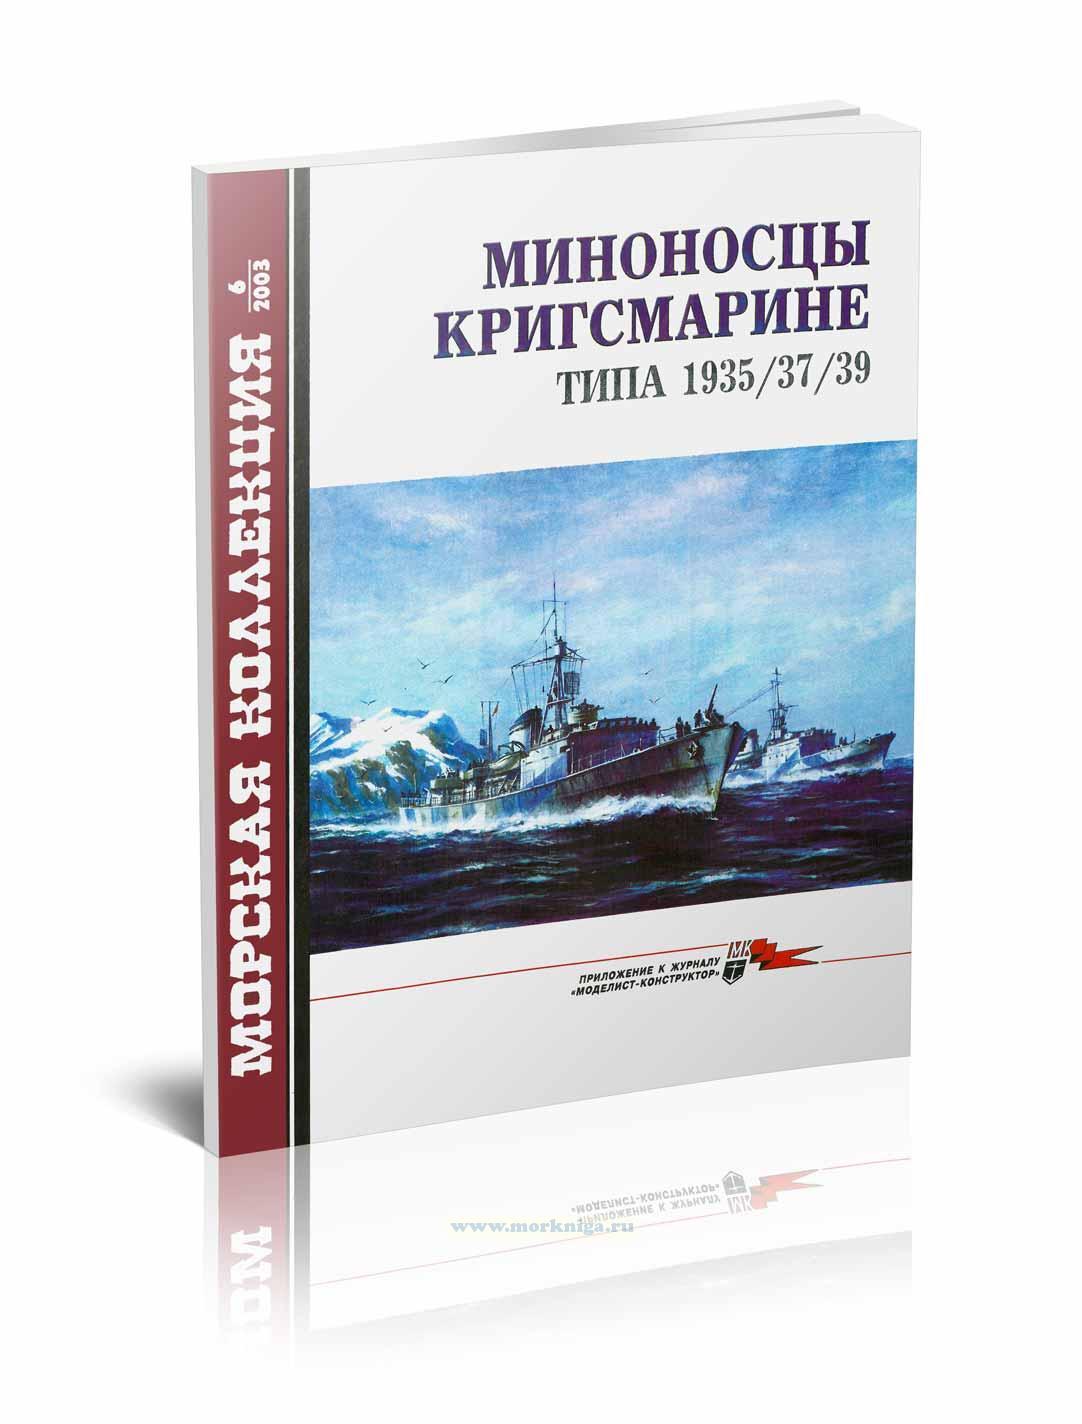 Миноносцы Кригсмарине типа 1935/37/39. Морская коллекция №6 (2003)